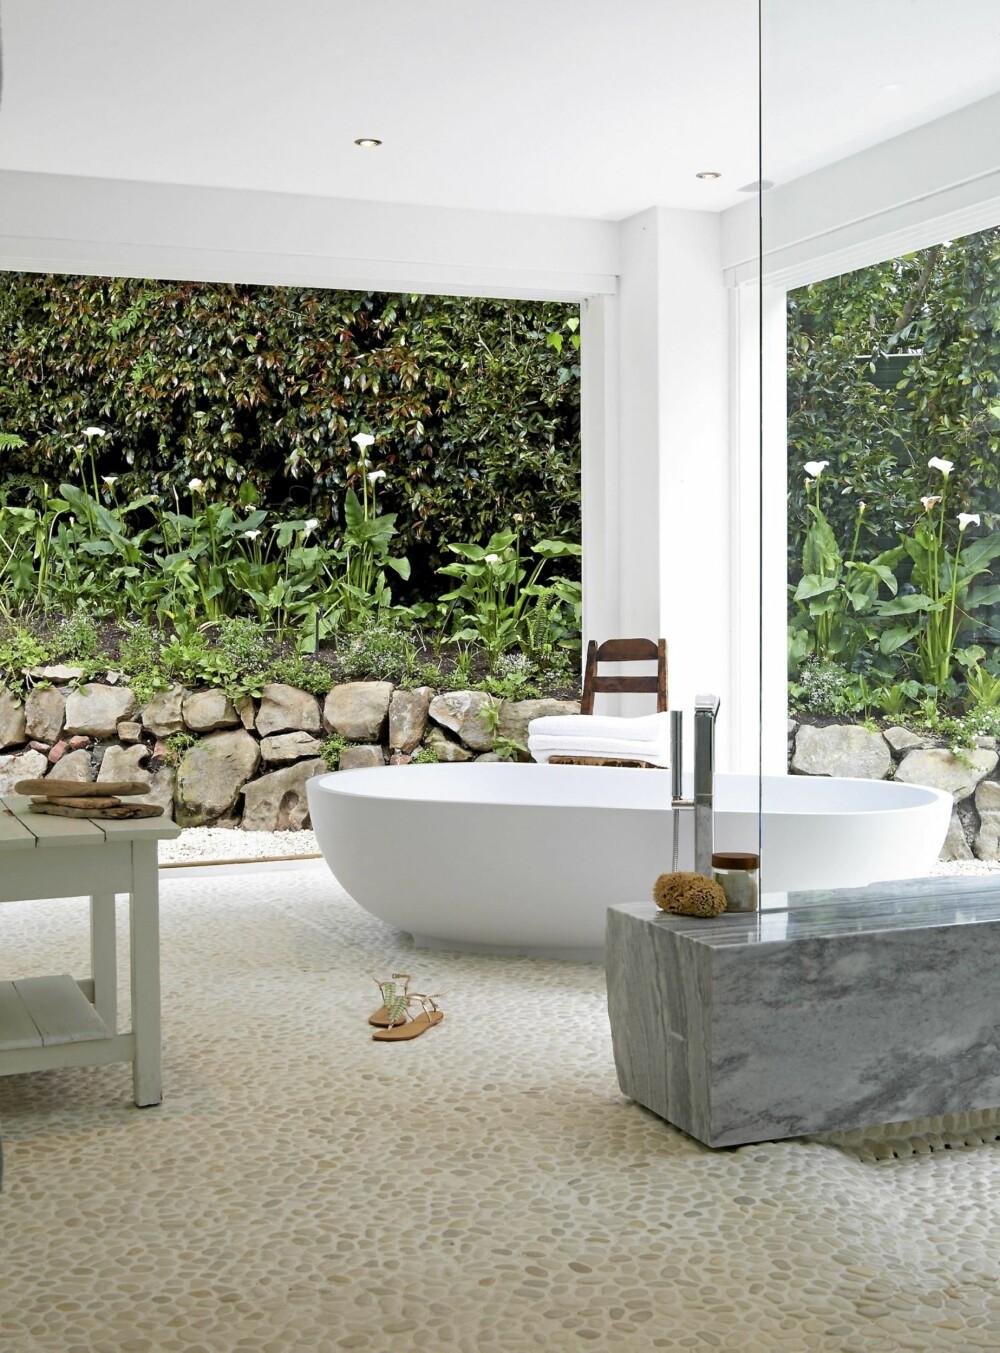 REN FRYD: Baderomsveggene er laget av skyvedører. De kan trekkes helt ut til sidene for dem som ønsker en dusj i det fri. Benken til høyre er i massiv, blåskimret marmor, mens gulvet består av innstøpt sten.